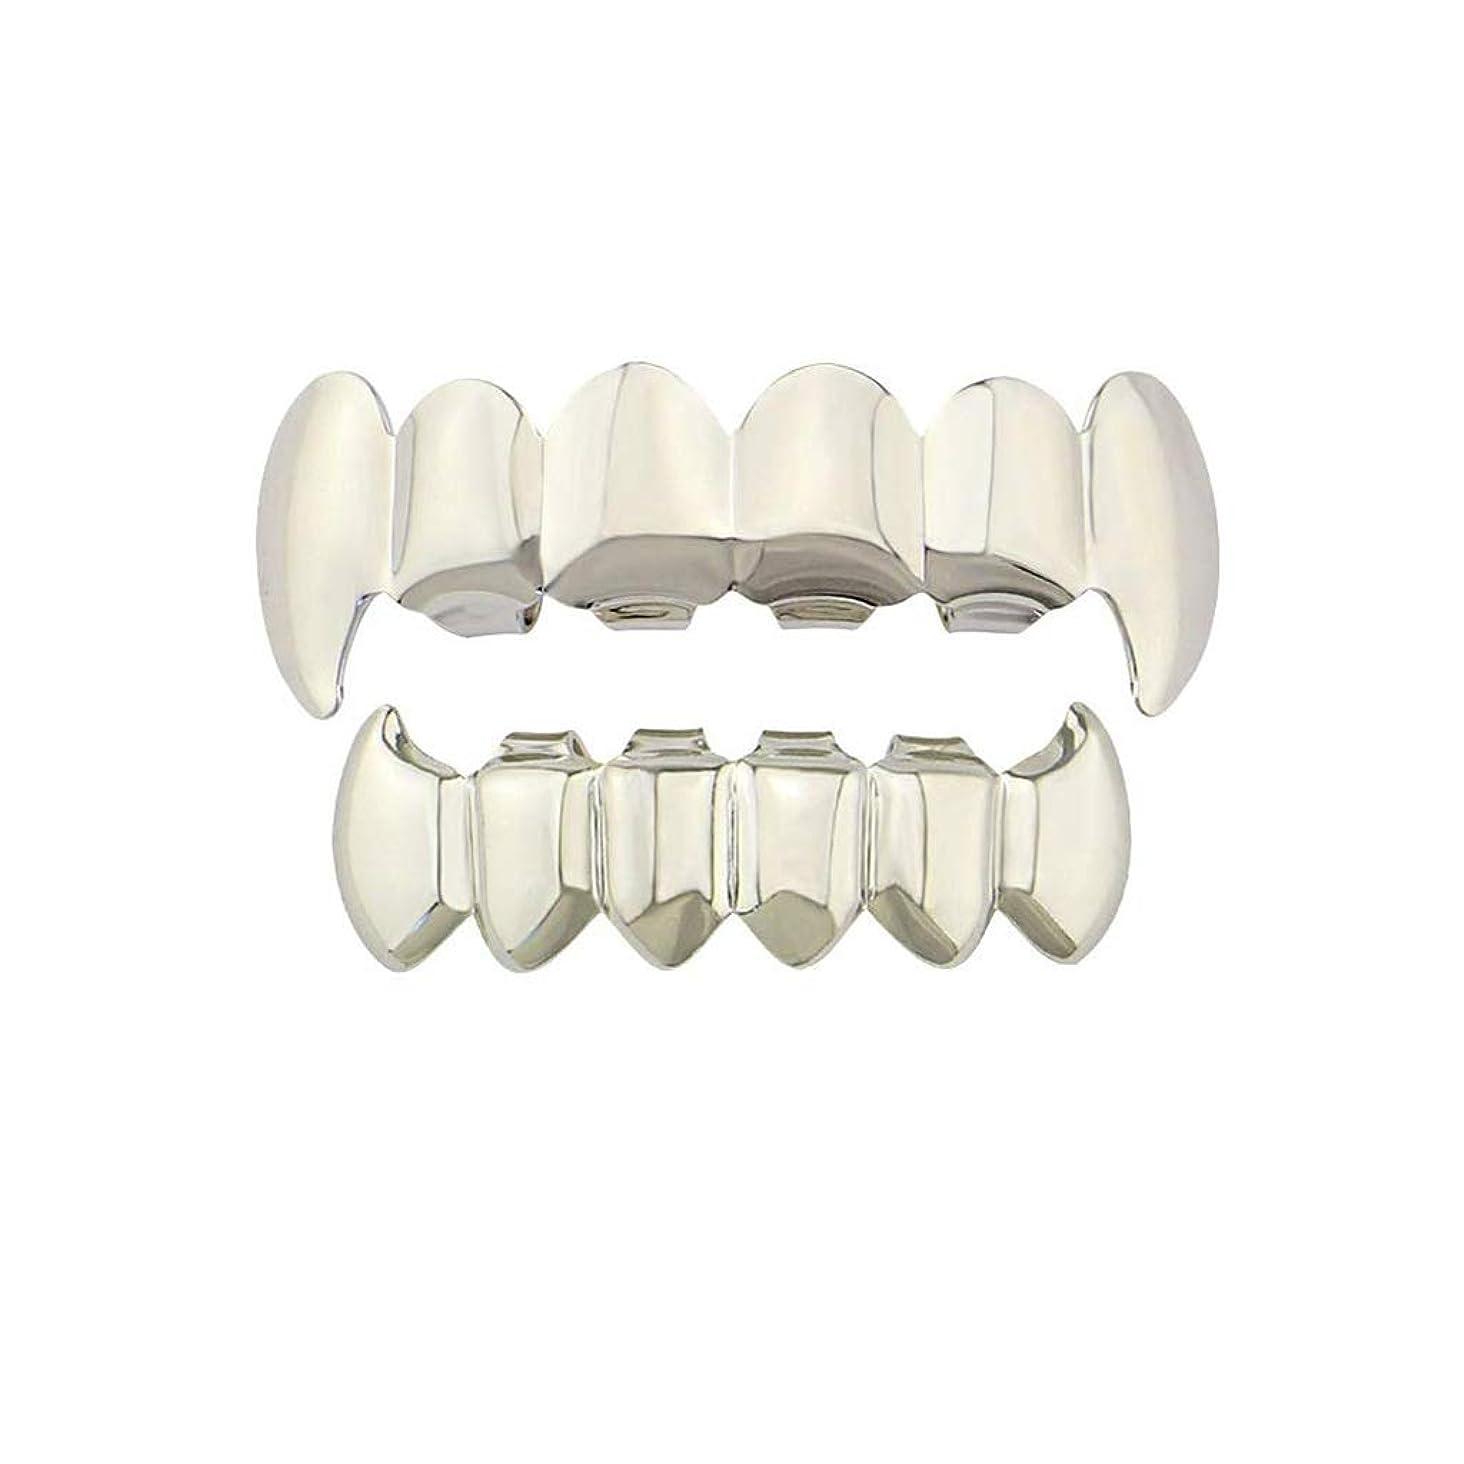 波紋オーロック資産YHDD 歯科用グリル光沢のある歯科用グリルの上下の歯の吸血鬼の正方形のグリルの贈り物用に設定サイズはすべての電気メッキヒップホップの歯のグリルの上に合います(色:ローズゴールド) (色 : シルバー しるば゜)